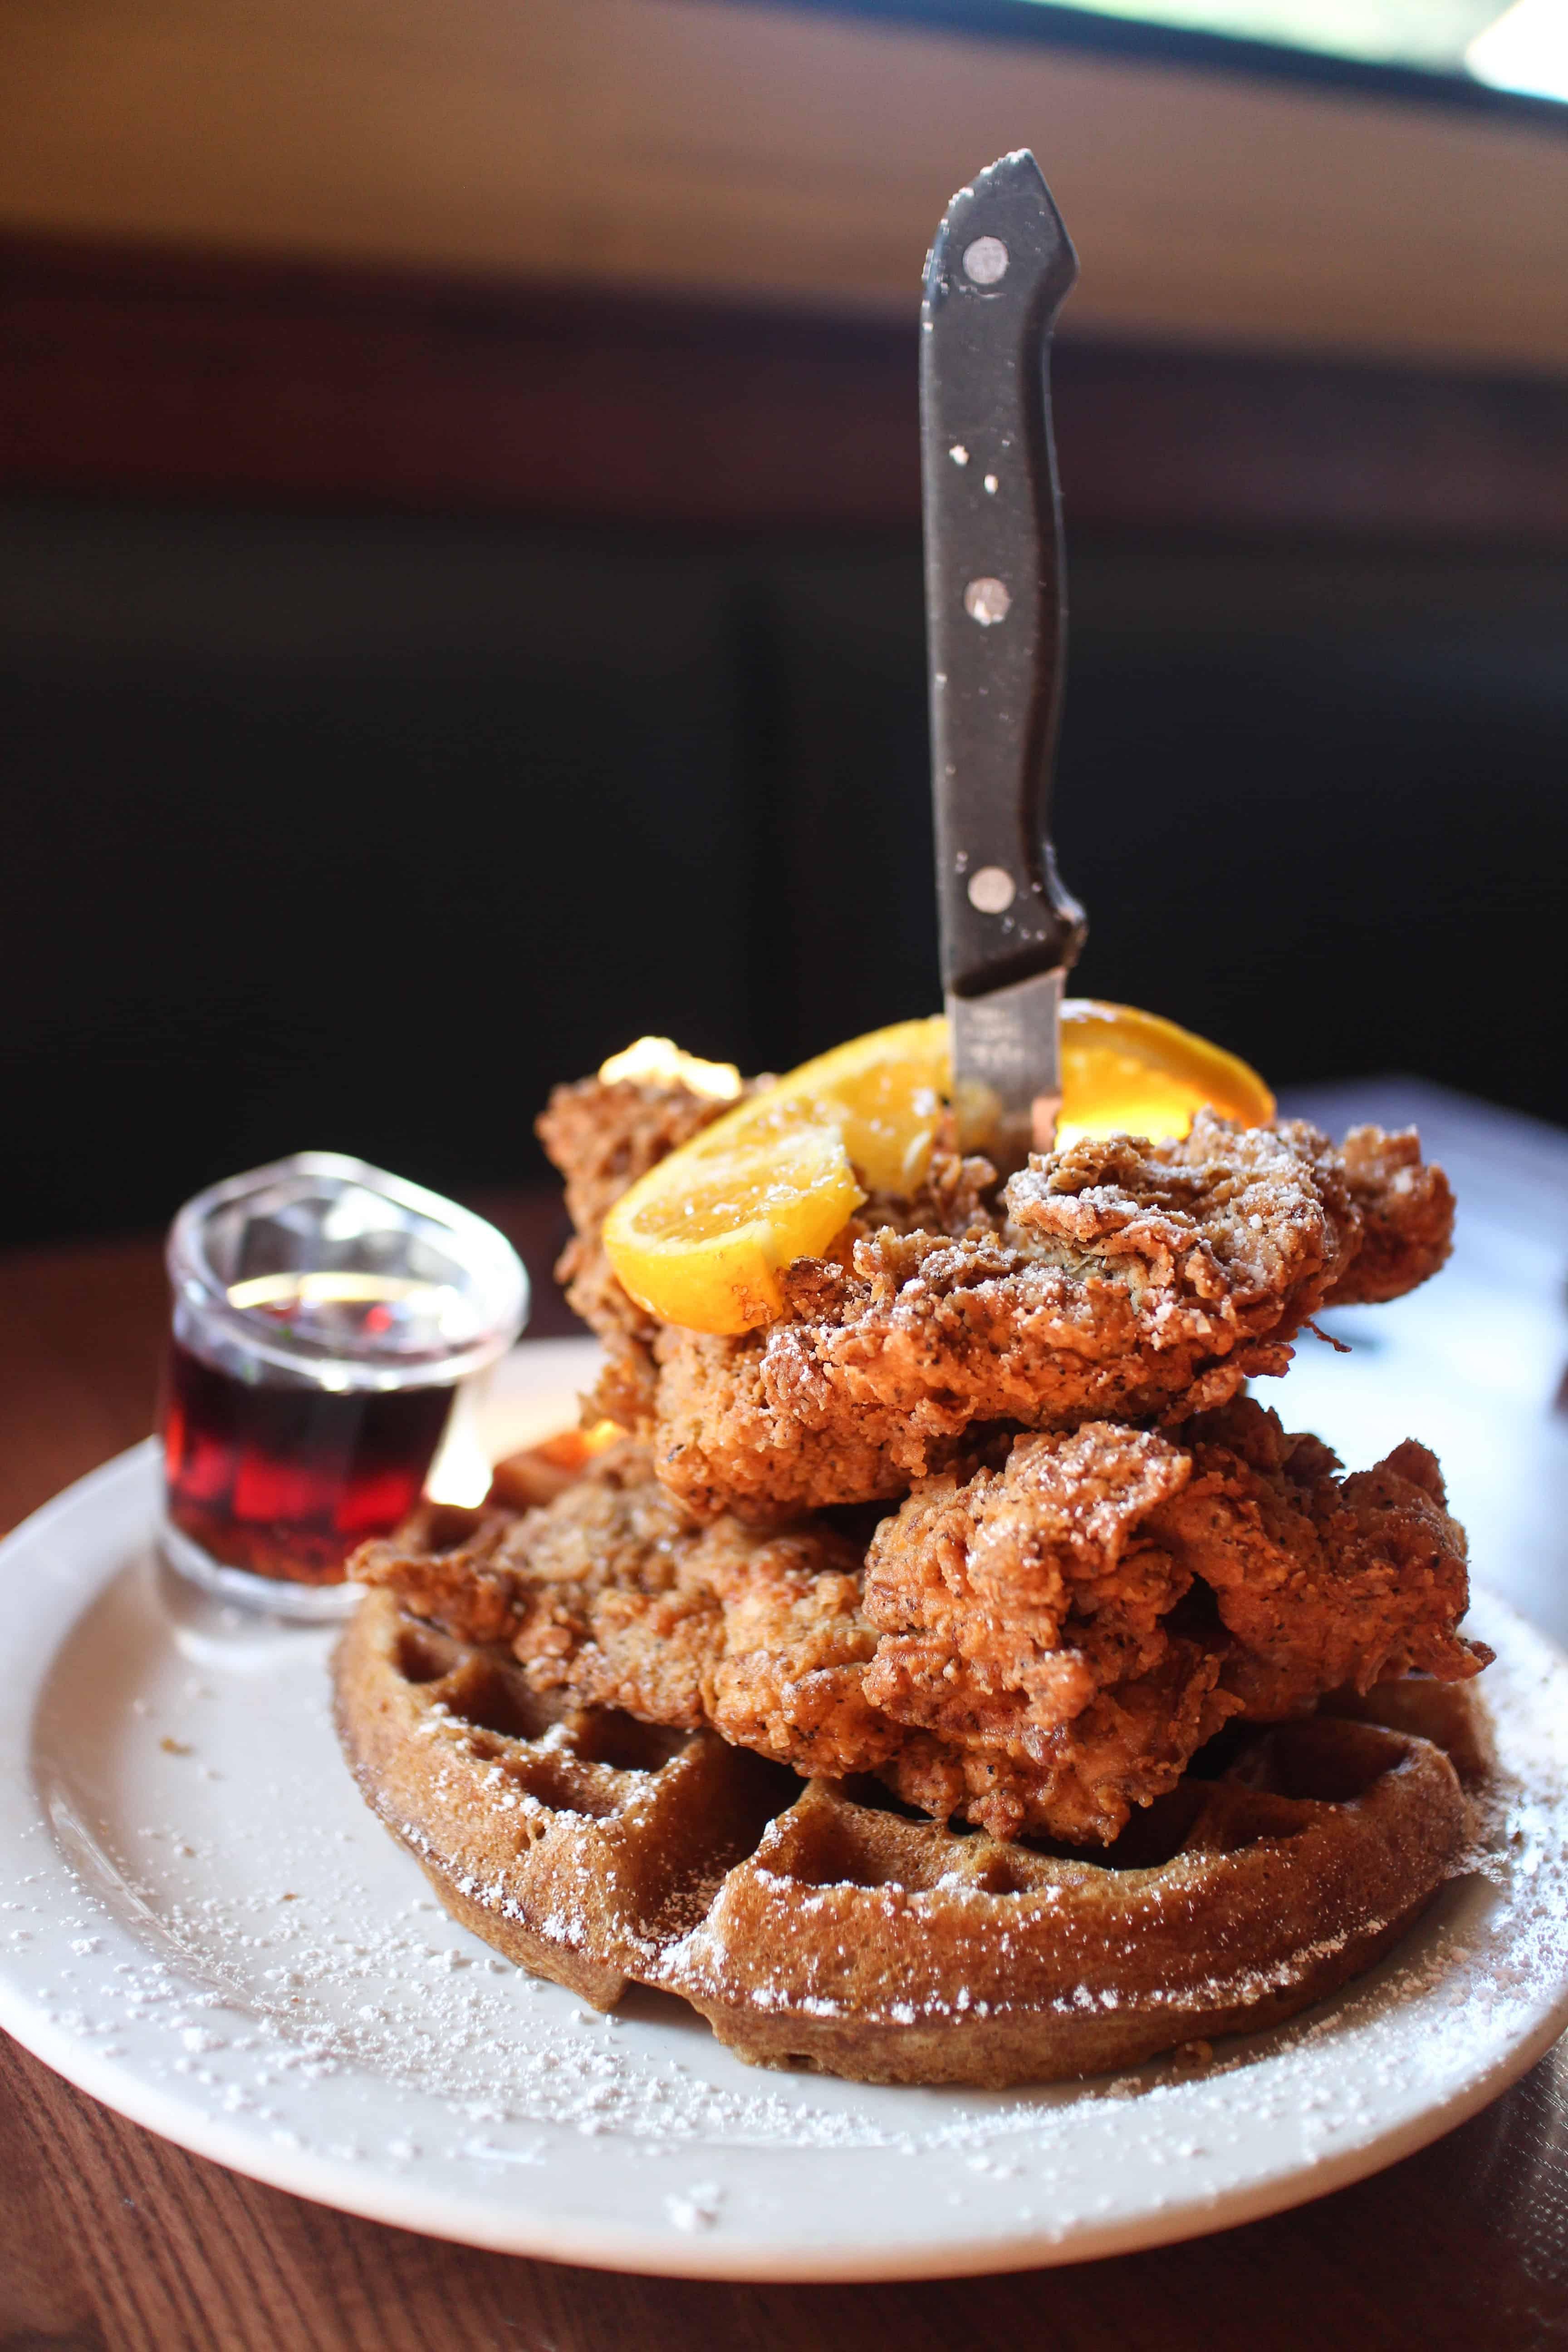 Portland - Screen Door - Fried Chicken and Waffles